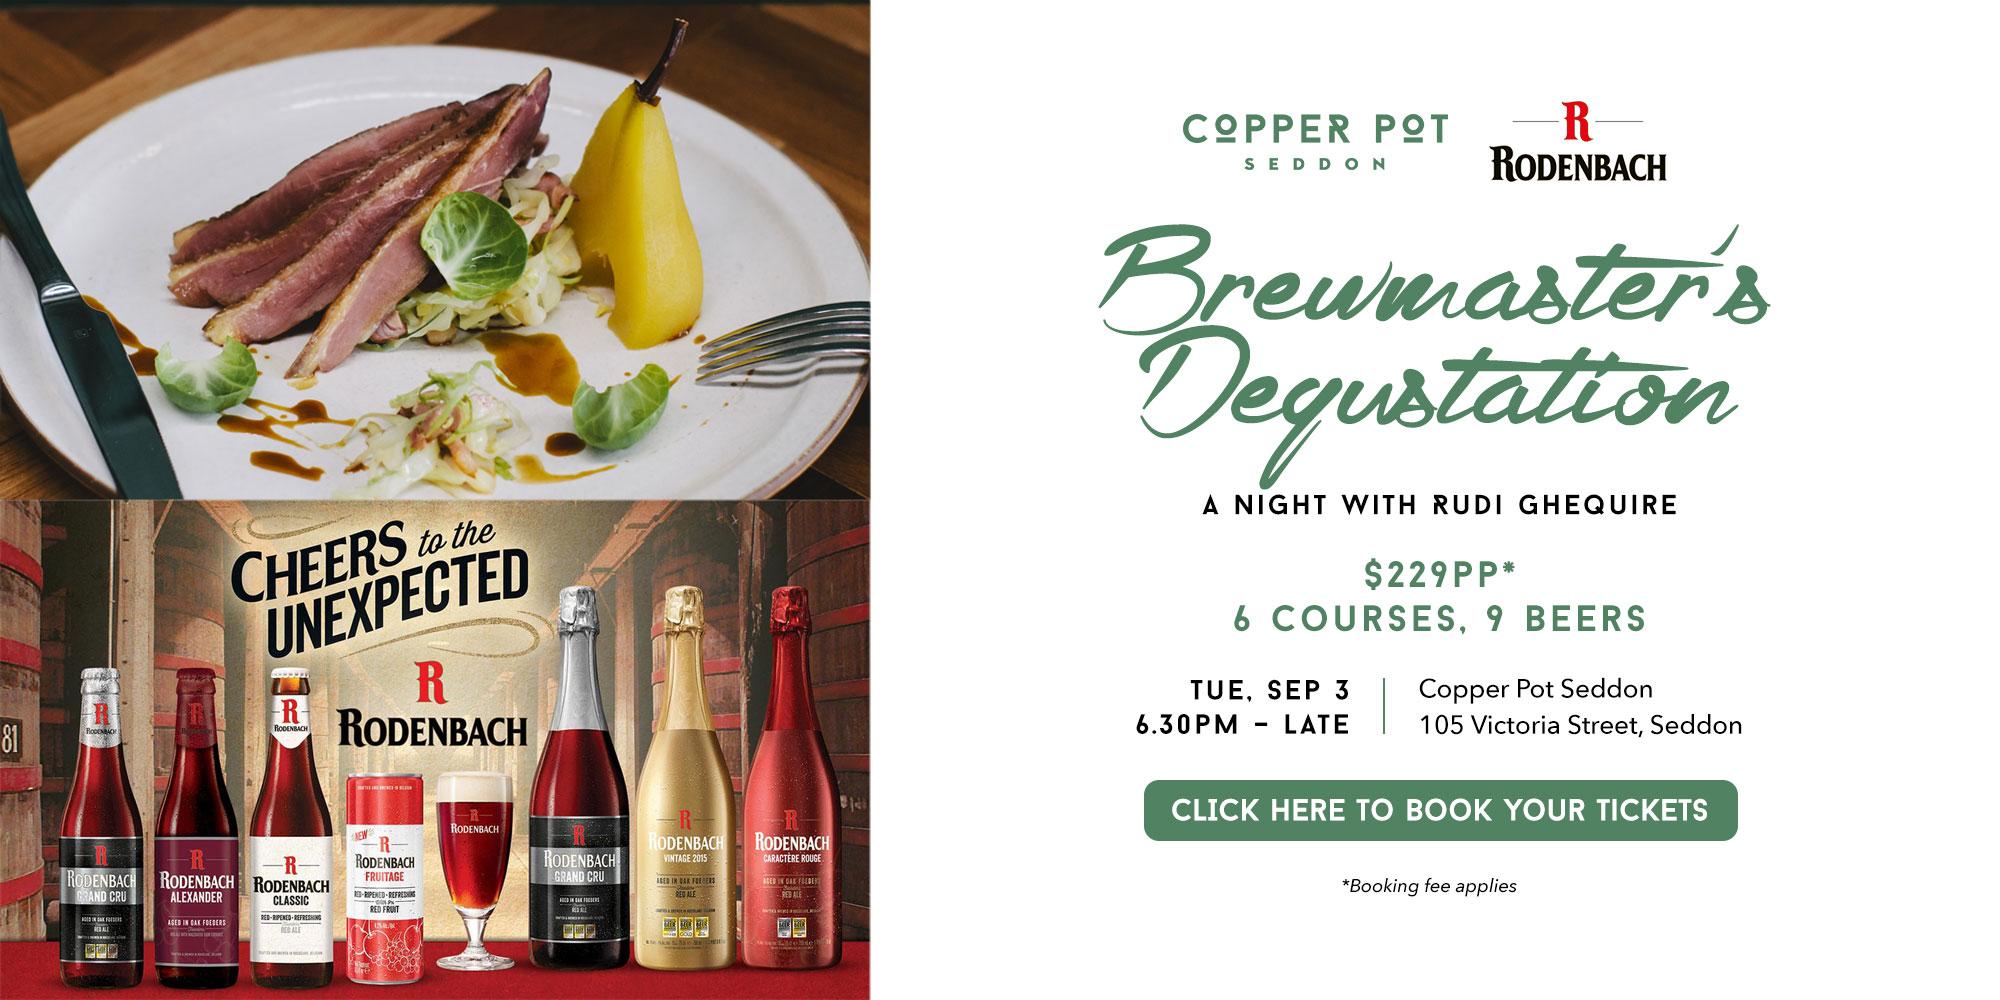 Copper-Pot-Rodenbach-Degustation-Website-Banner.jpg